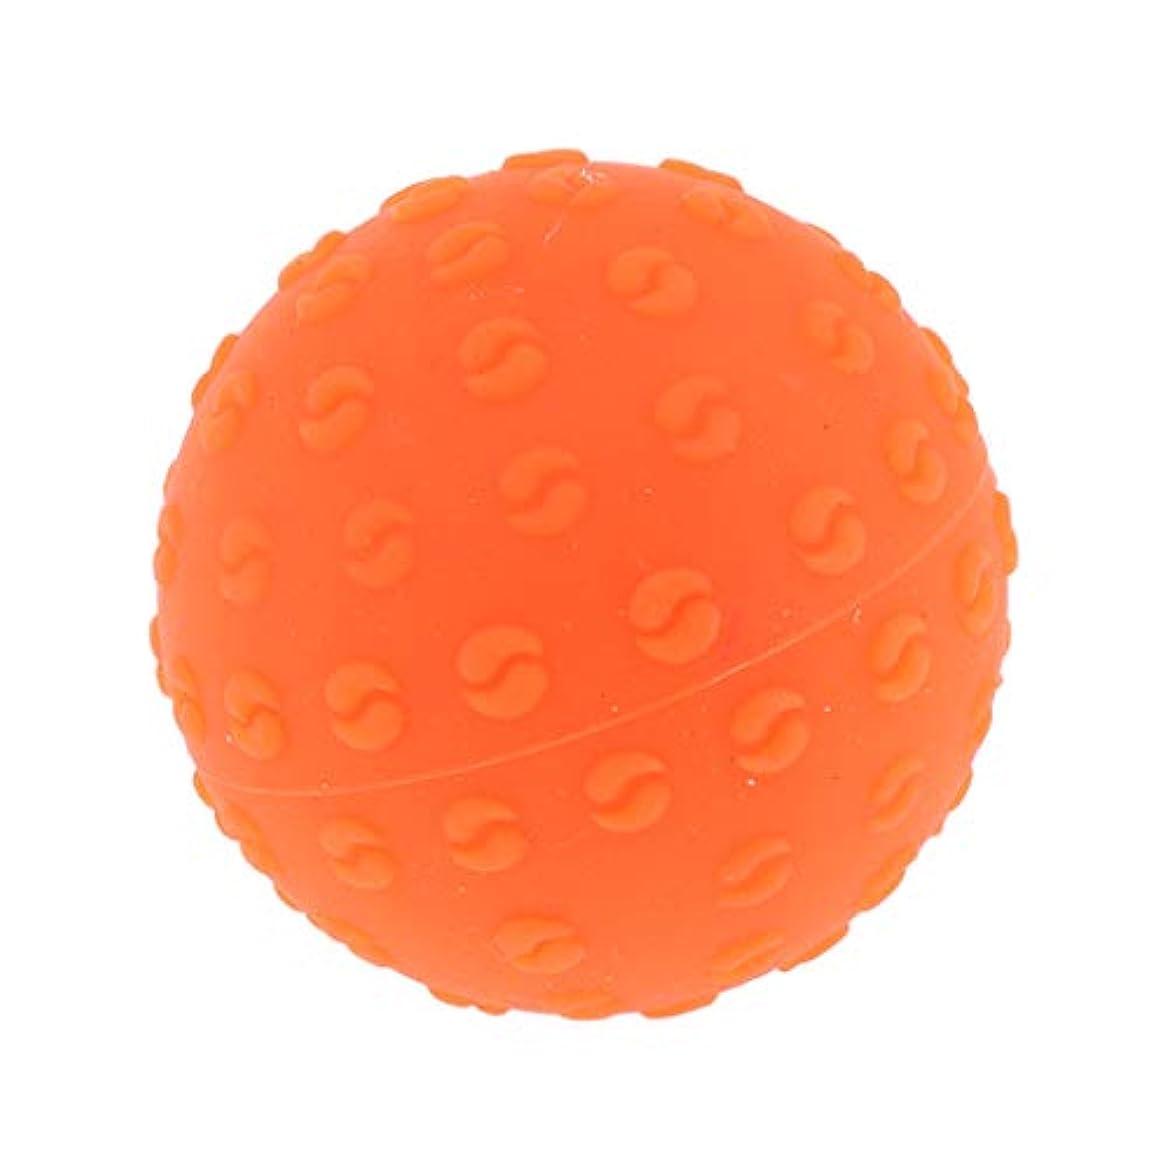 パイル発動機バックPerfeclan 全6色 マッサージボール 指圧ボール シリコーン トリガーポイント 足底筋膜炎 ヨガ 耐油性 快適 - オレンジ, 説明のとおり